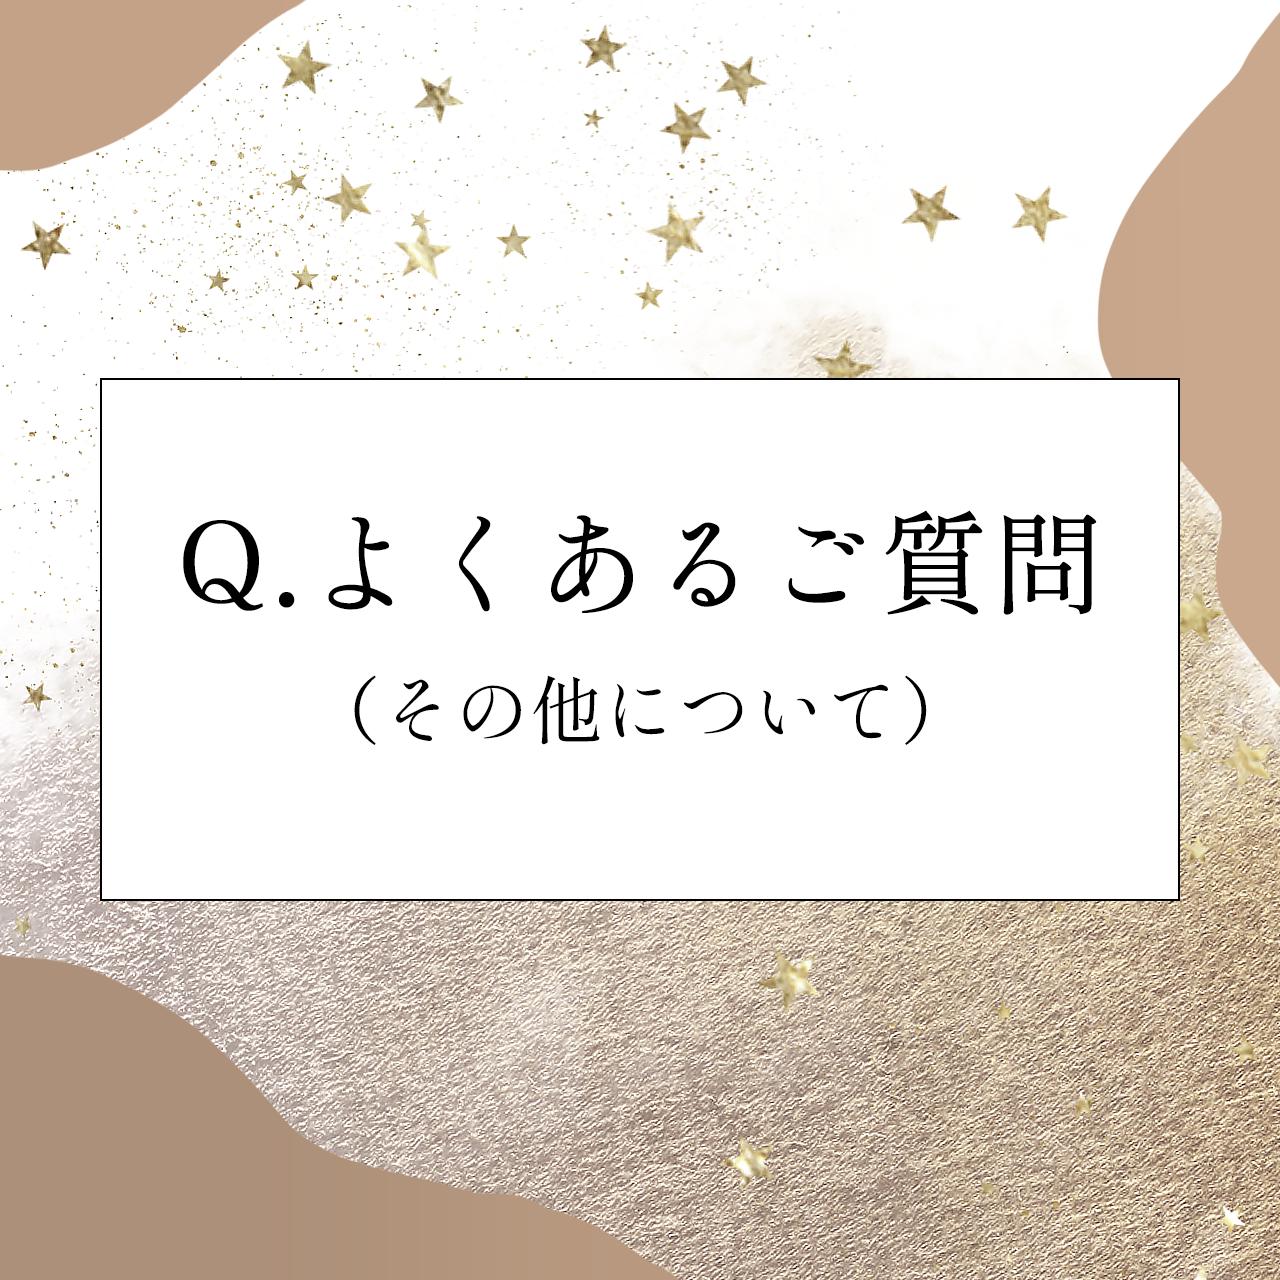 Q.よくあるご質問(その他について)